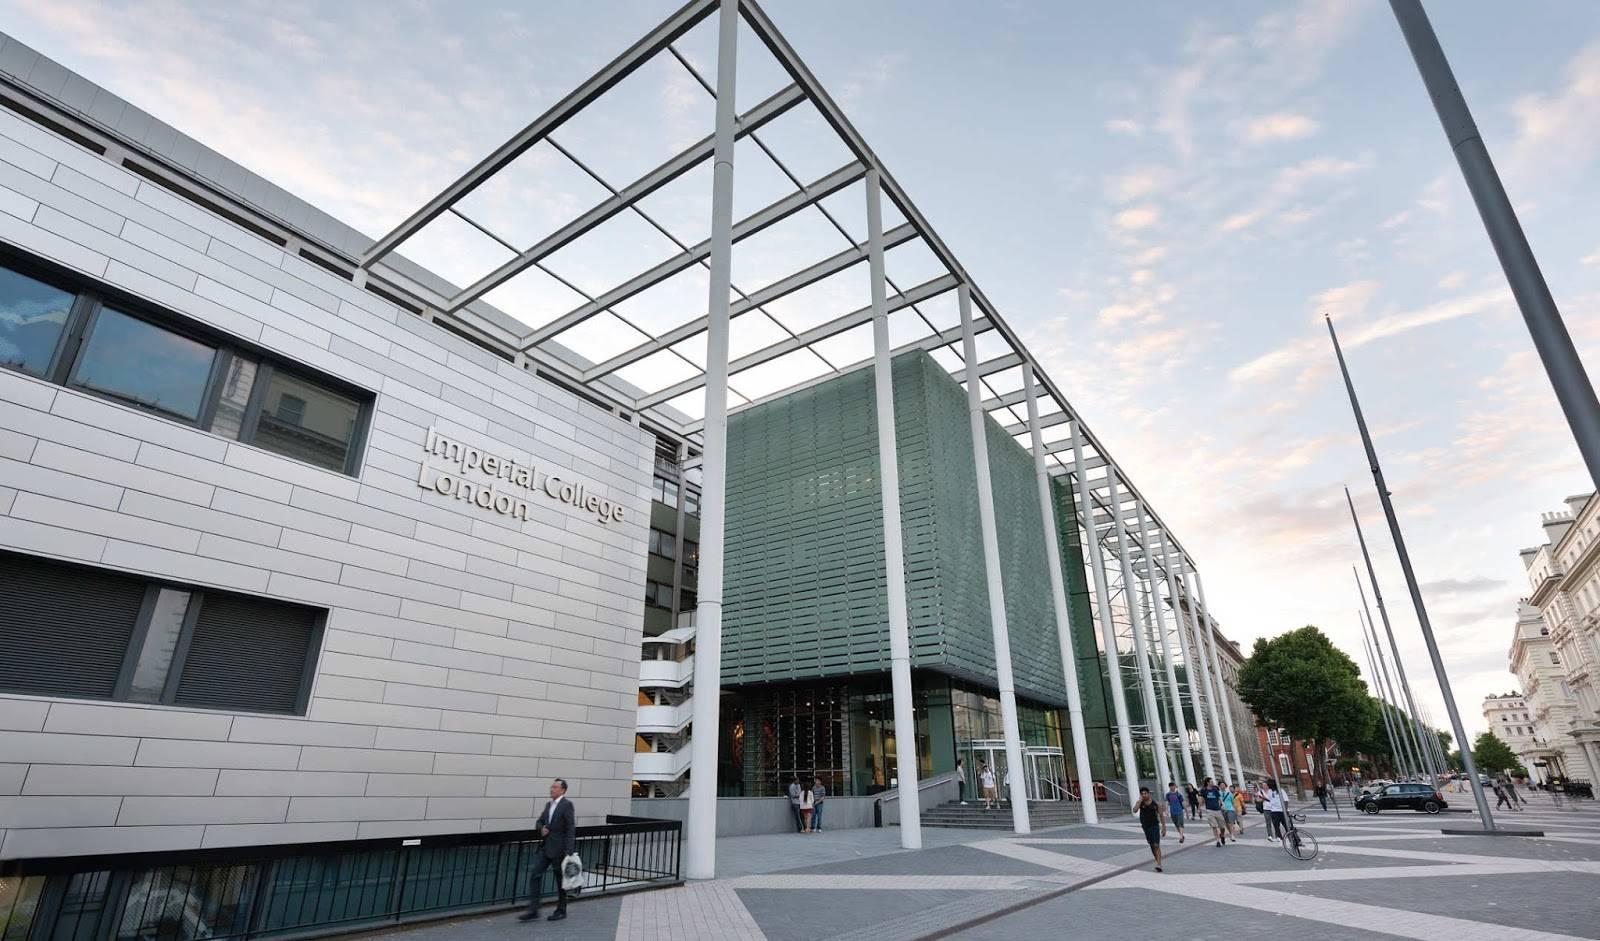 Королевский колледж лондона (кингс колледж) - факультеты и особенности